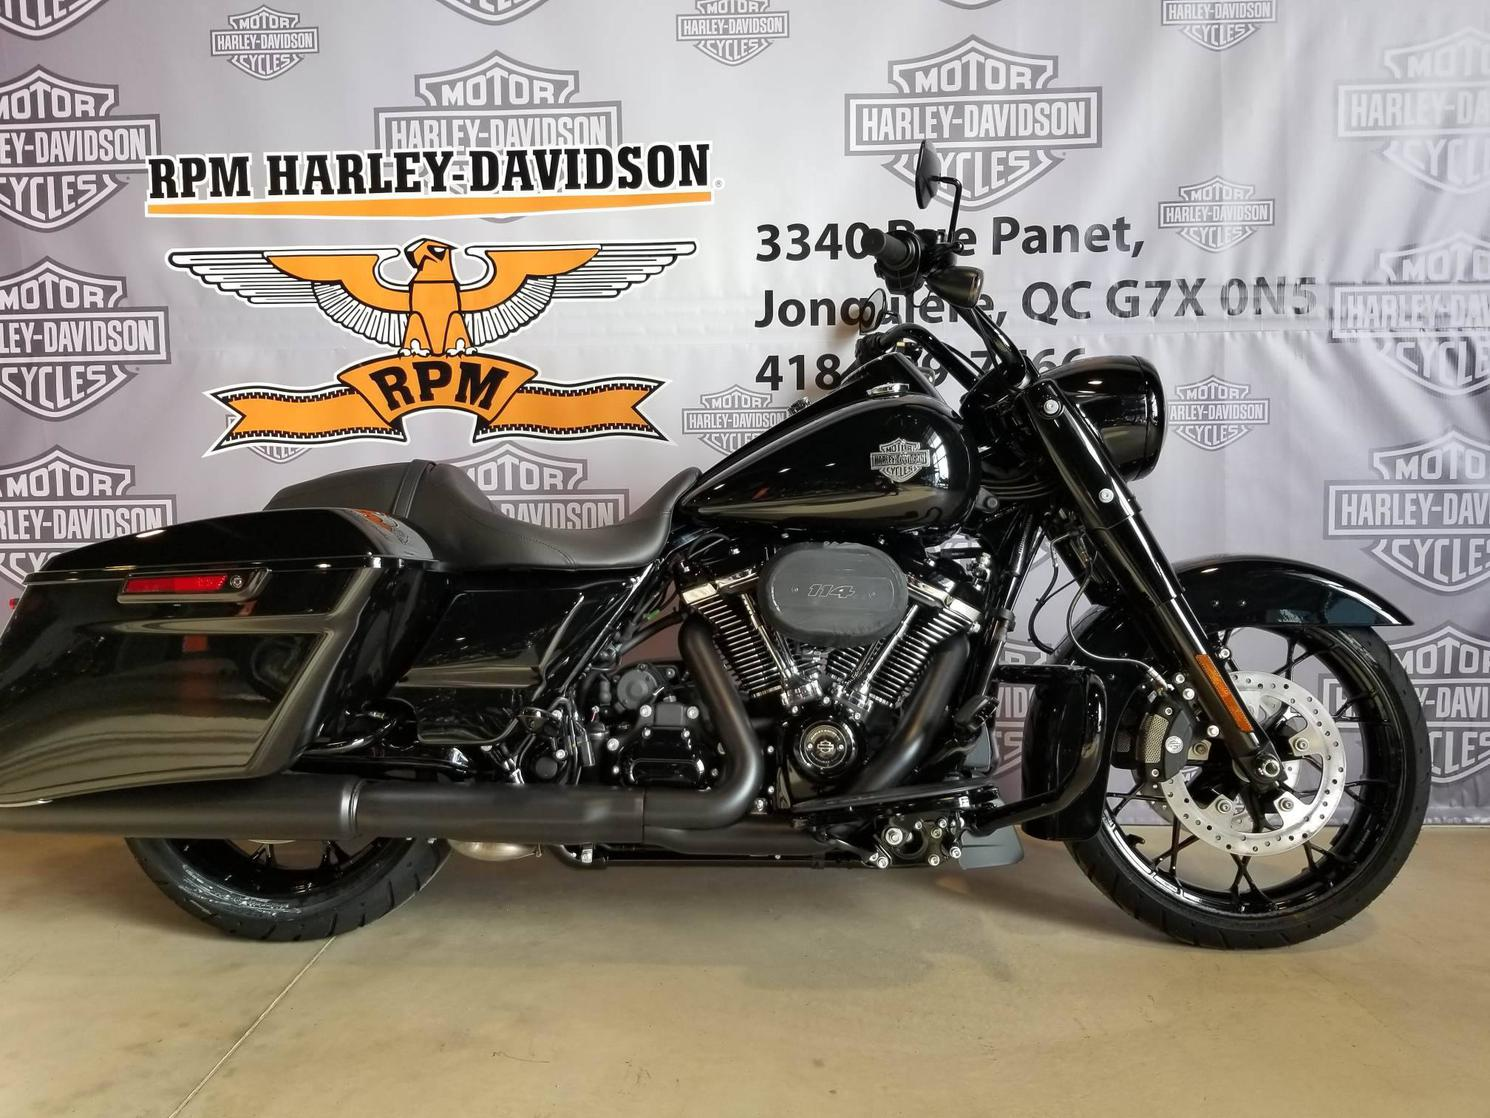 Harley-Davidson Road King Special 2021 - FLHRXS Bagger